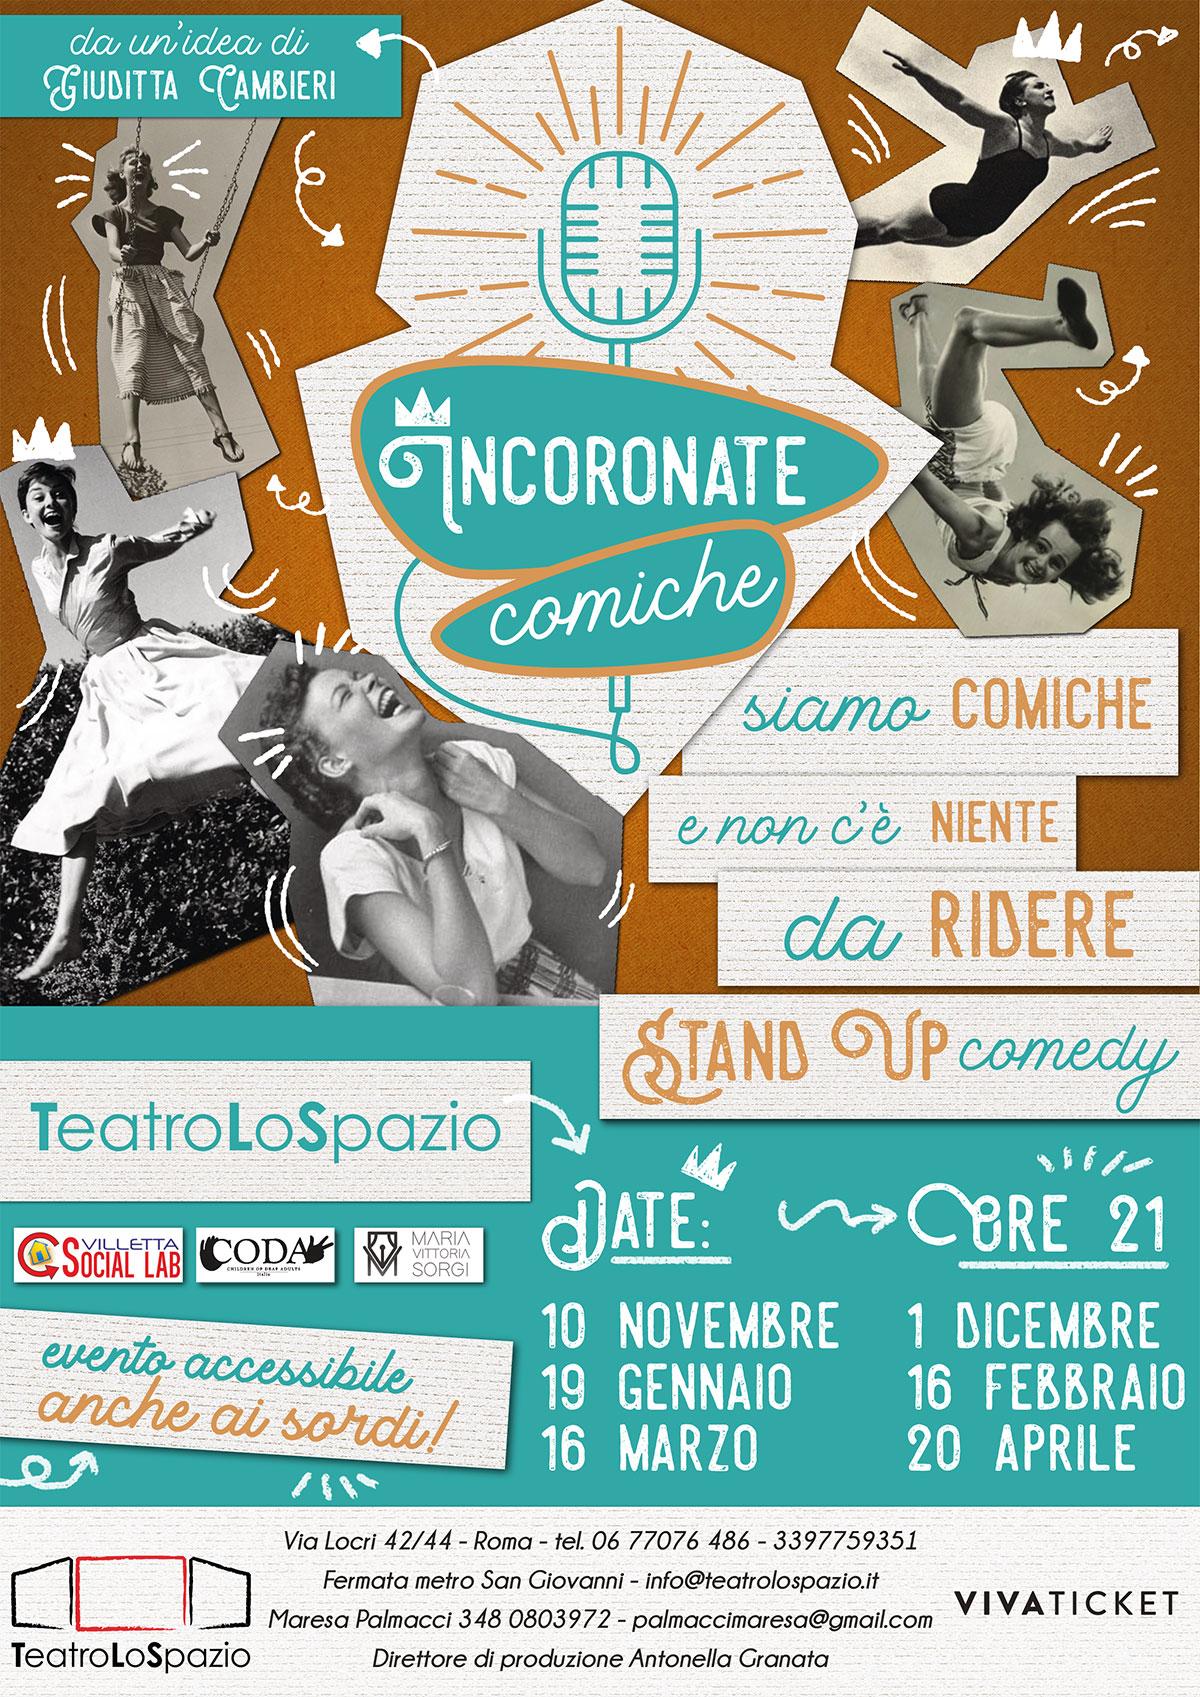 Incoronate Comiche - TeatroLoSpazio - Via Locri 42, Roma